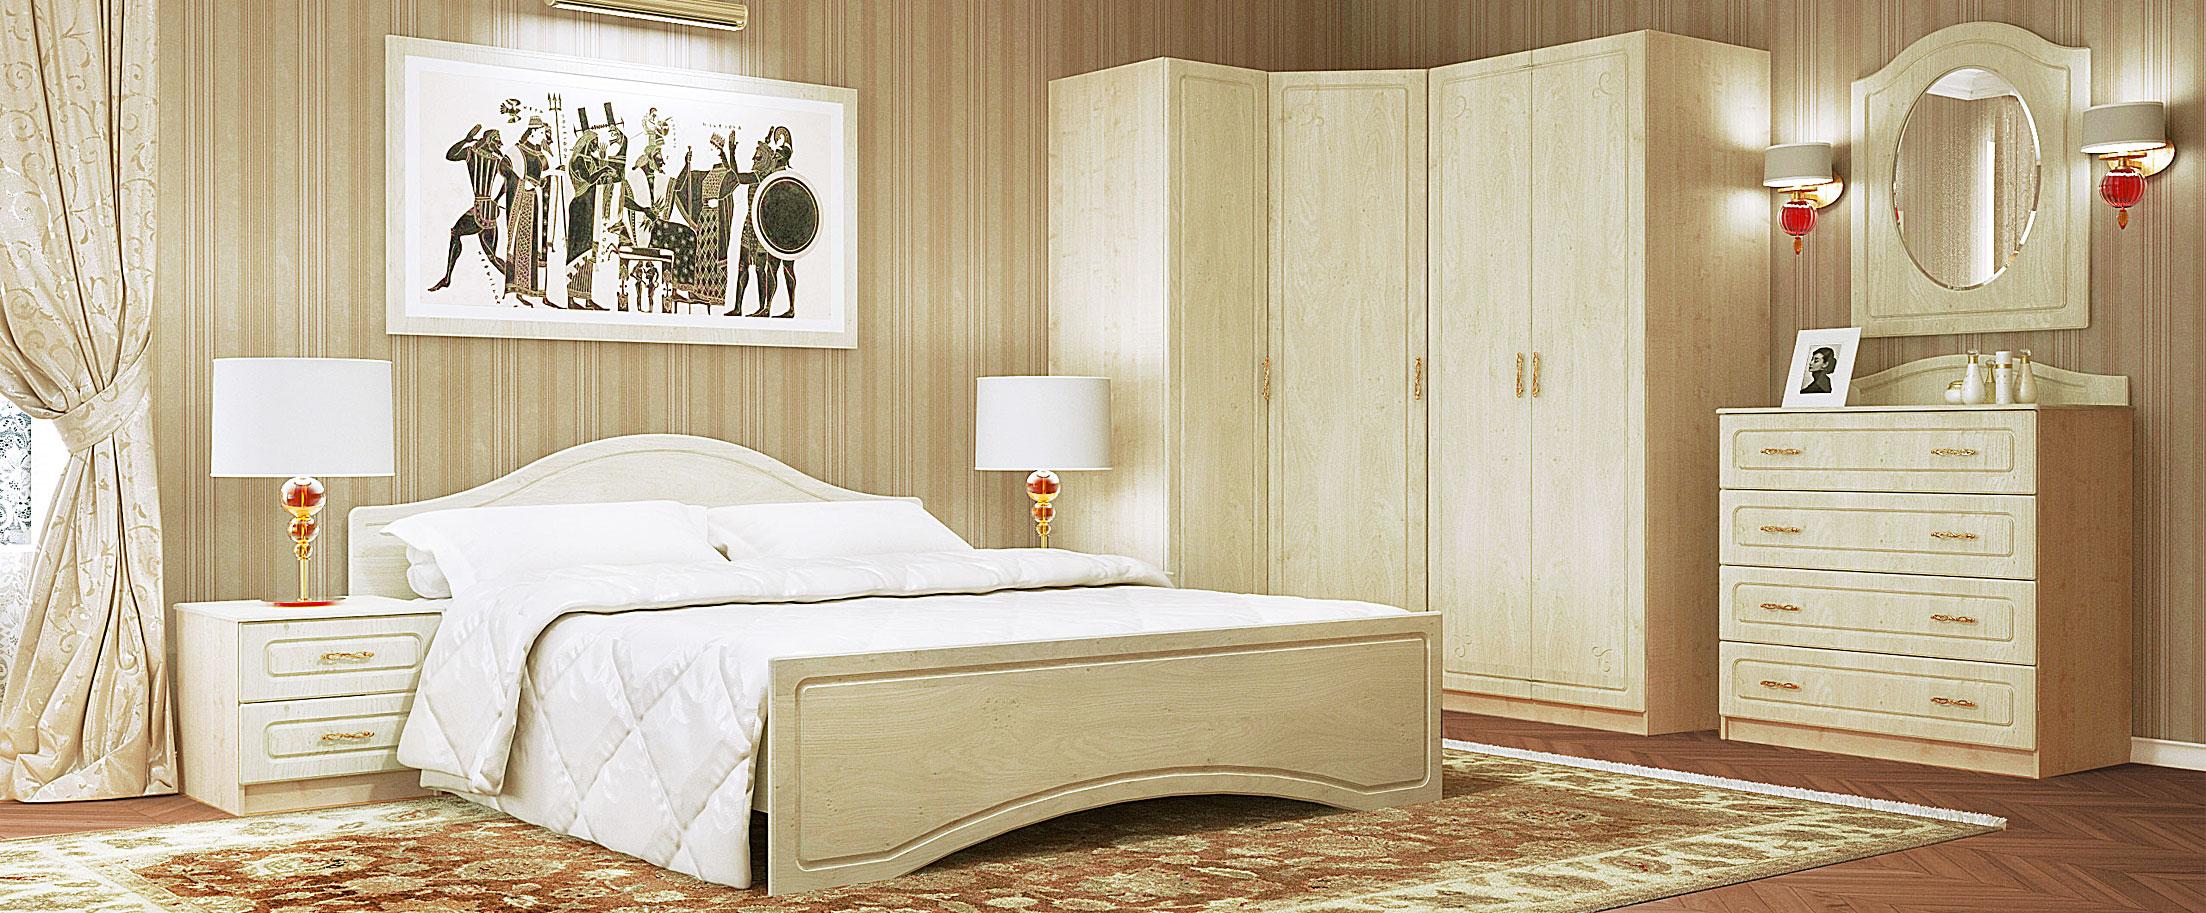 Спальня Афина-4 Модель 513 от MOON TRADE